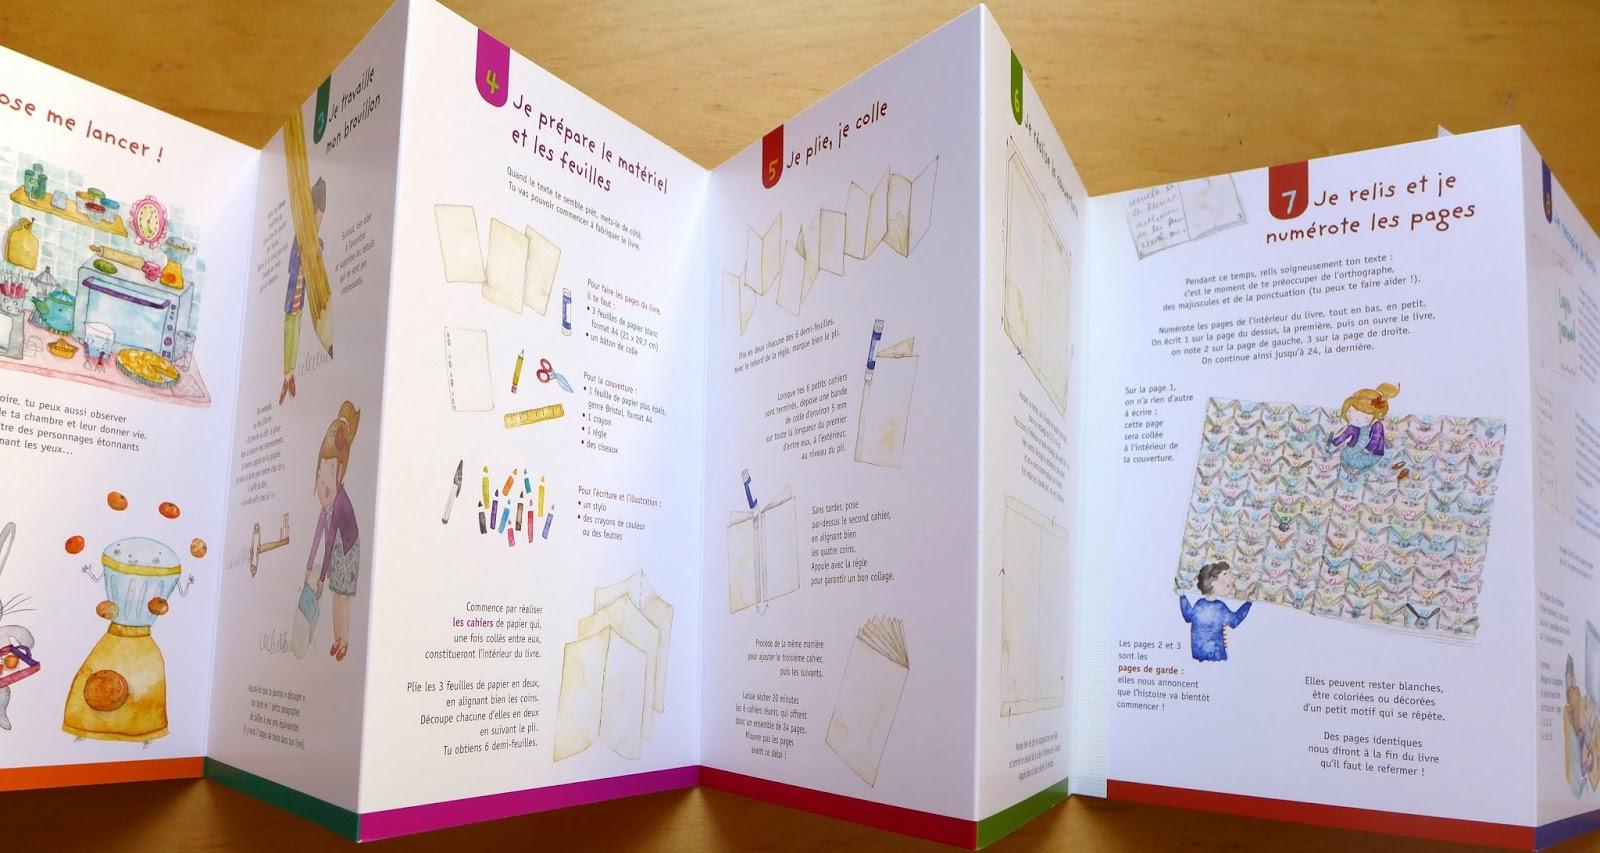 s l 39 y laisse le blog de solenn larnicol pour faire un livre d rue du monde. Black Bedroom Furniture Sets. Home Design Ideas